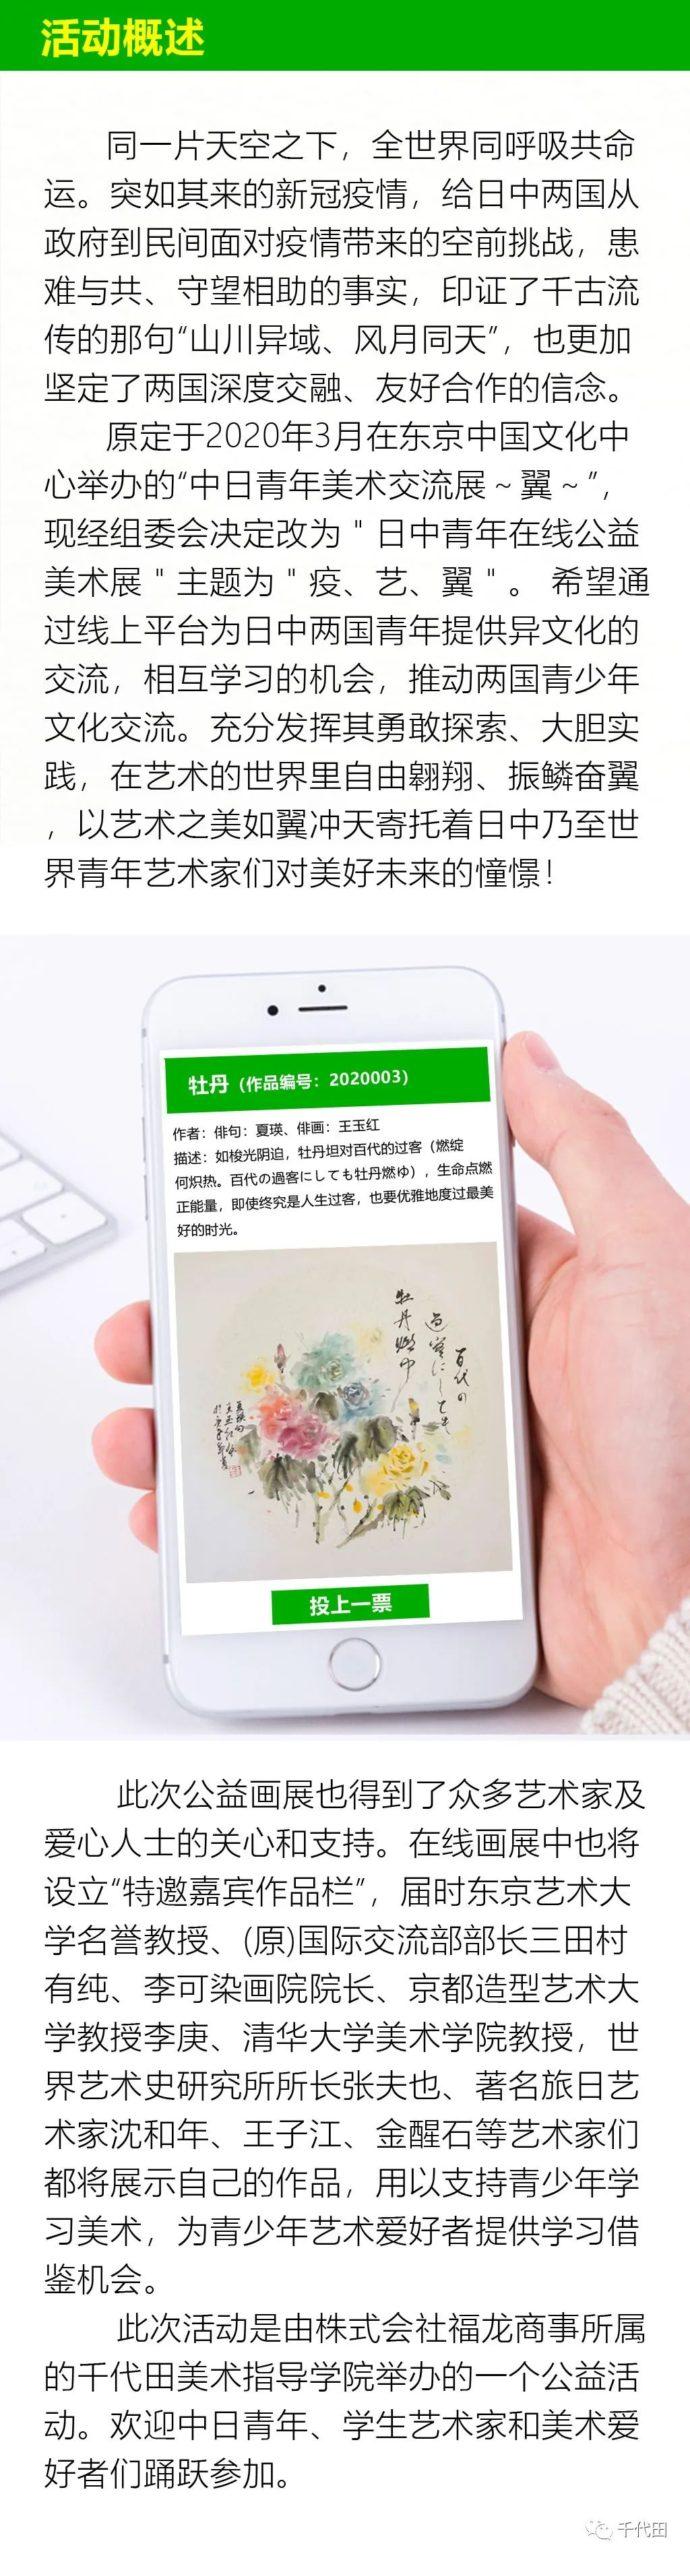 千代田新闻|疫·艺·翼 2020日中青年在线公益美术展 作品征集中!!!